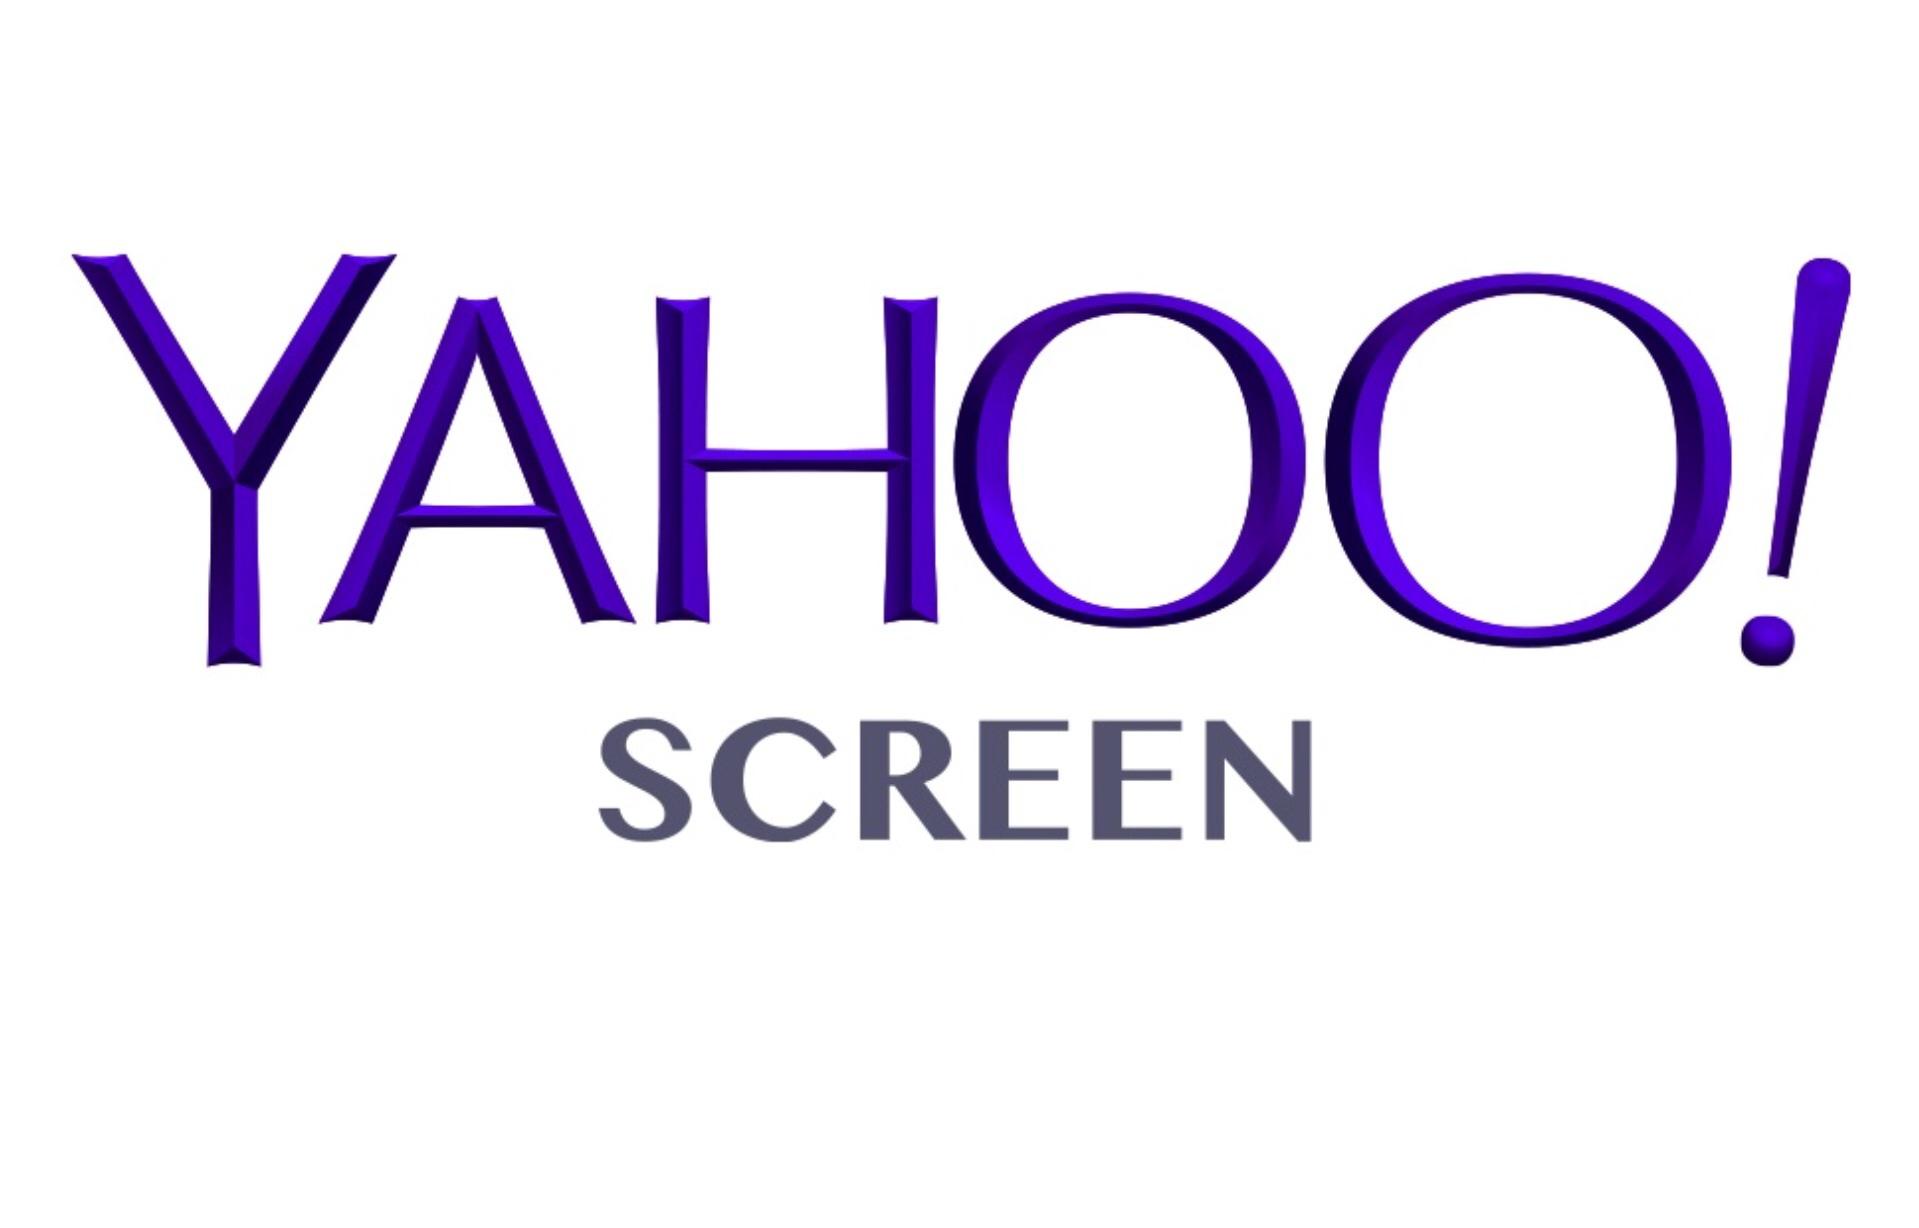 Yahoo Screen white logo.jpg - Screen Bean Characters PNG